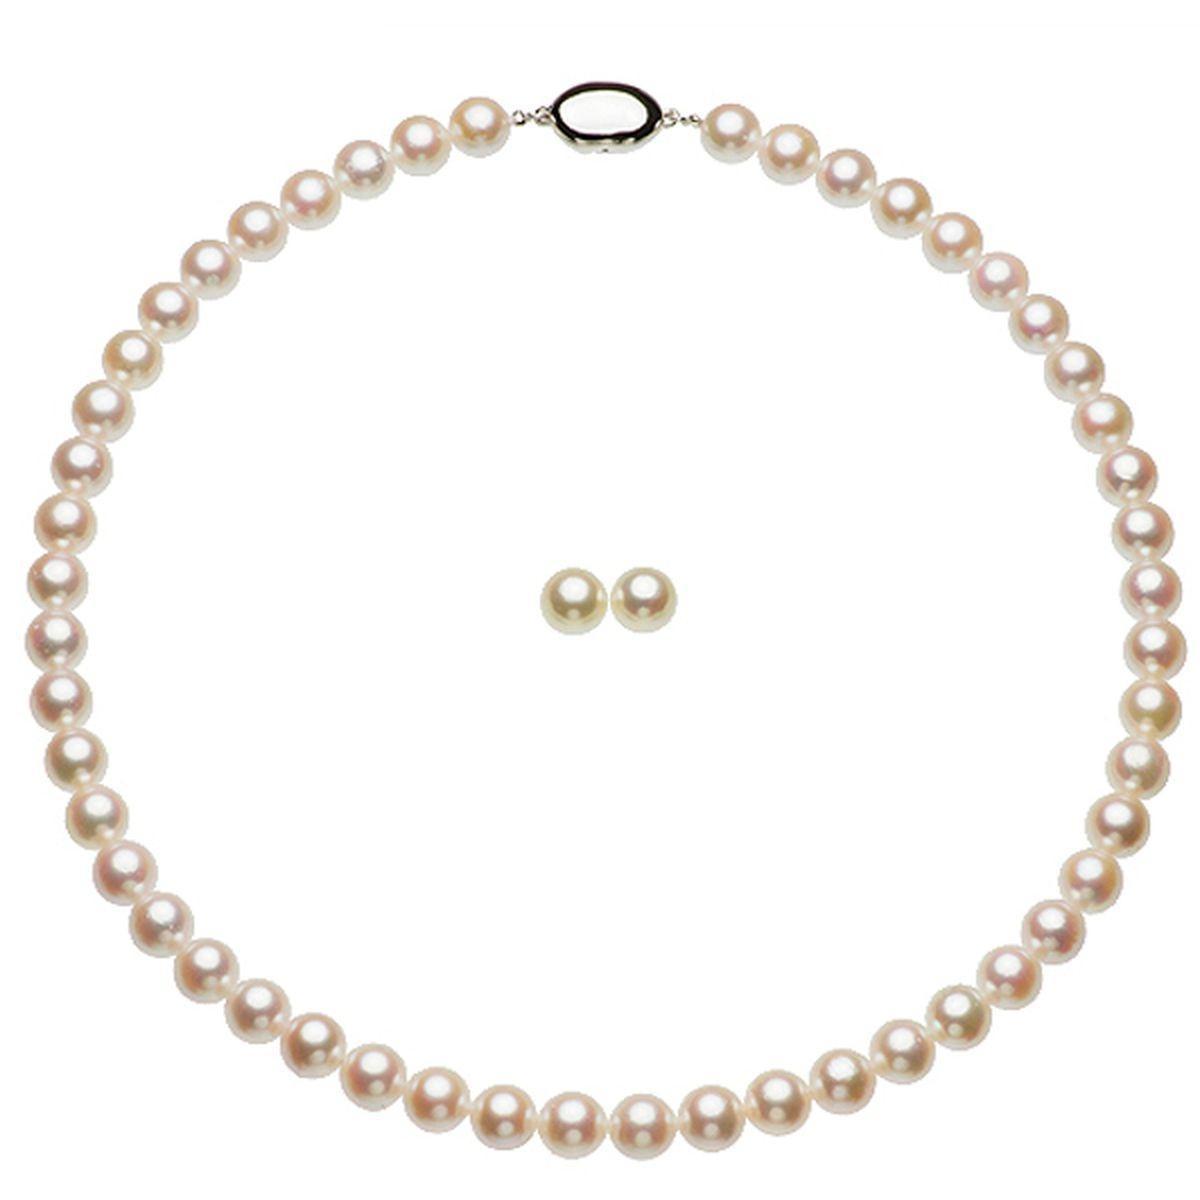 アコヤ 真珠 パール イヤリング ネックレス セット 約8.0-8.5mmの写真